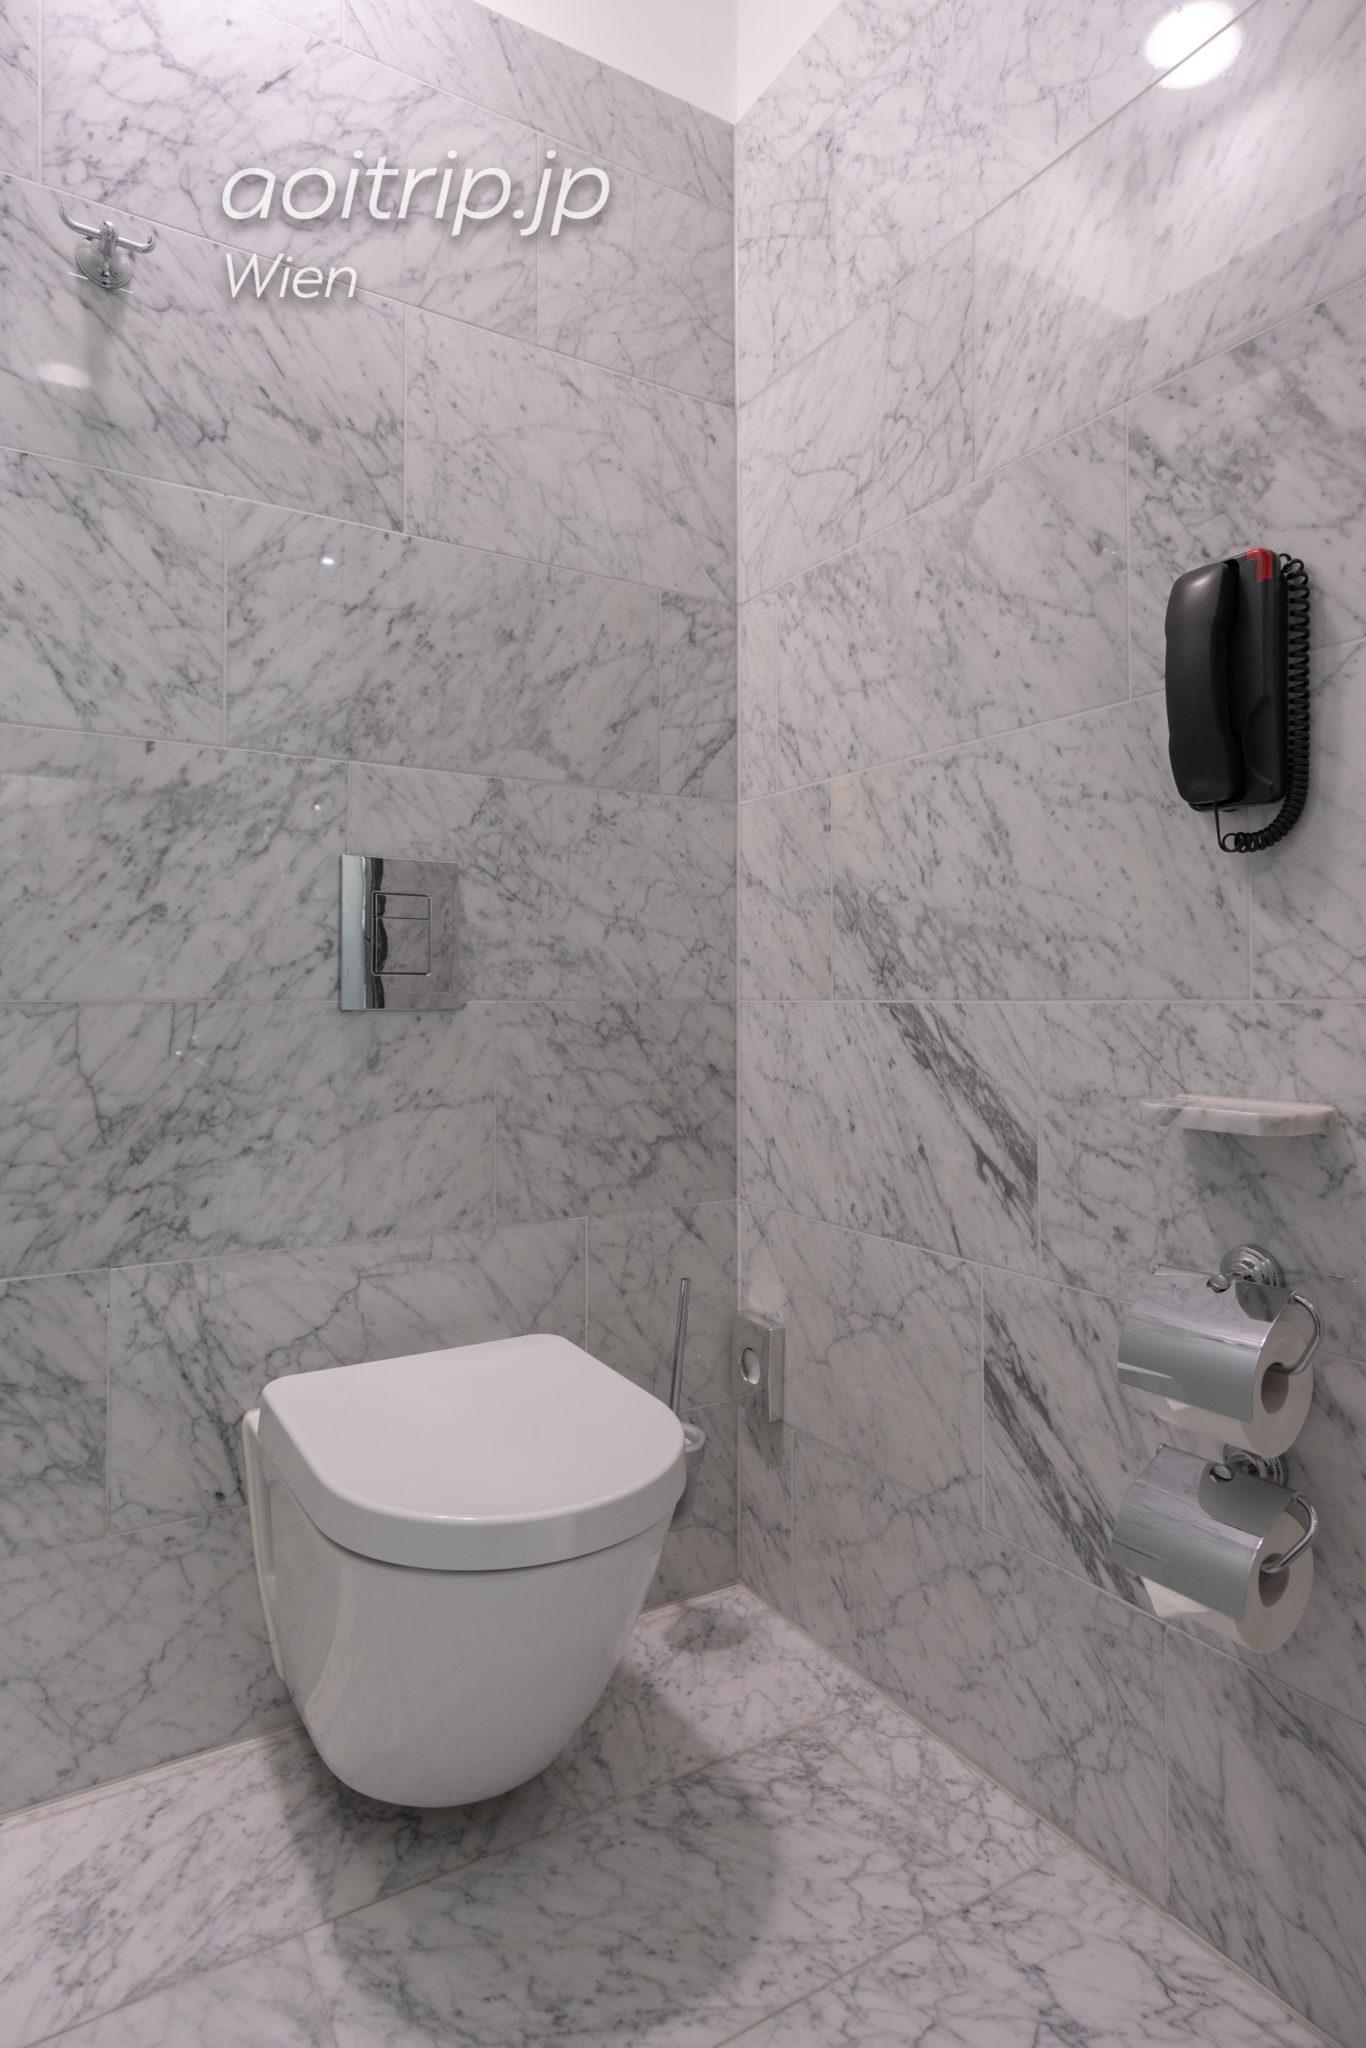 ザ リッツカールトン ウィーンのバスルーム